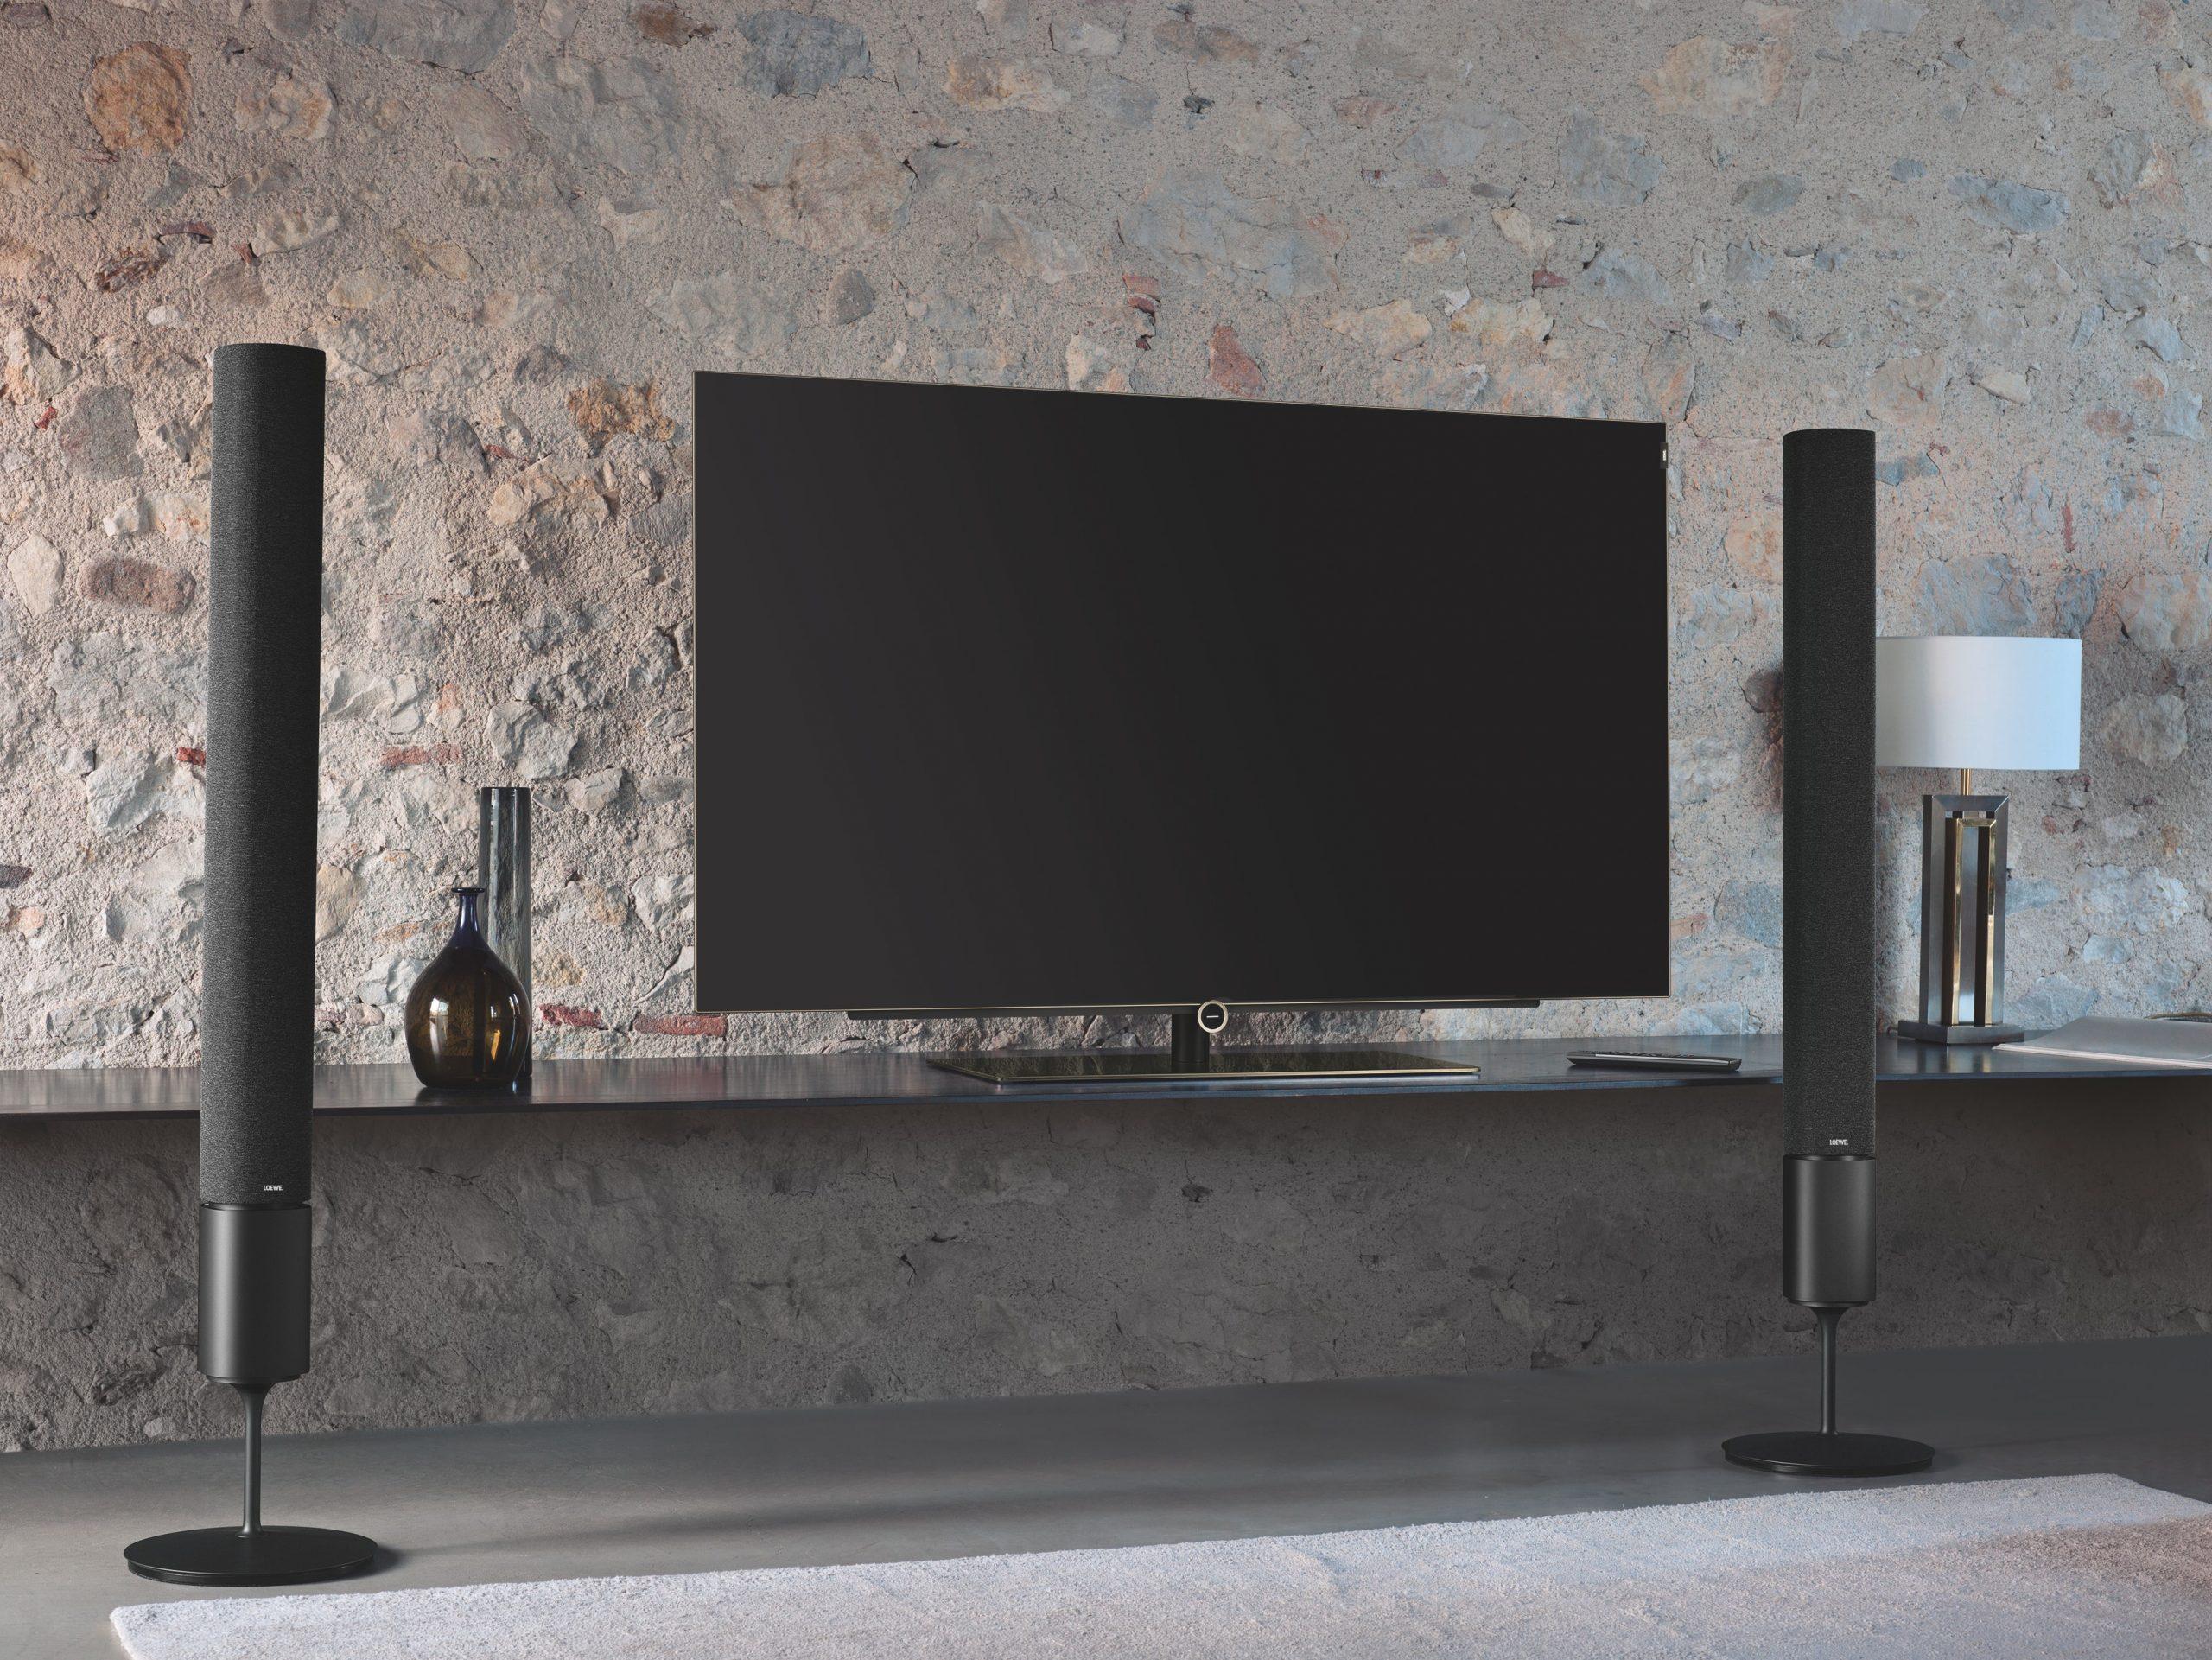 Televisie kopen voor weinig